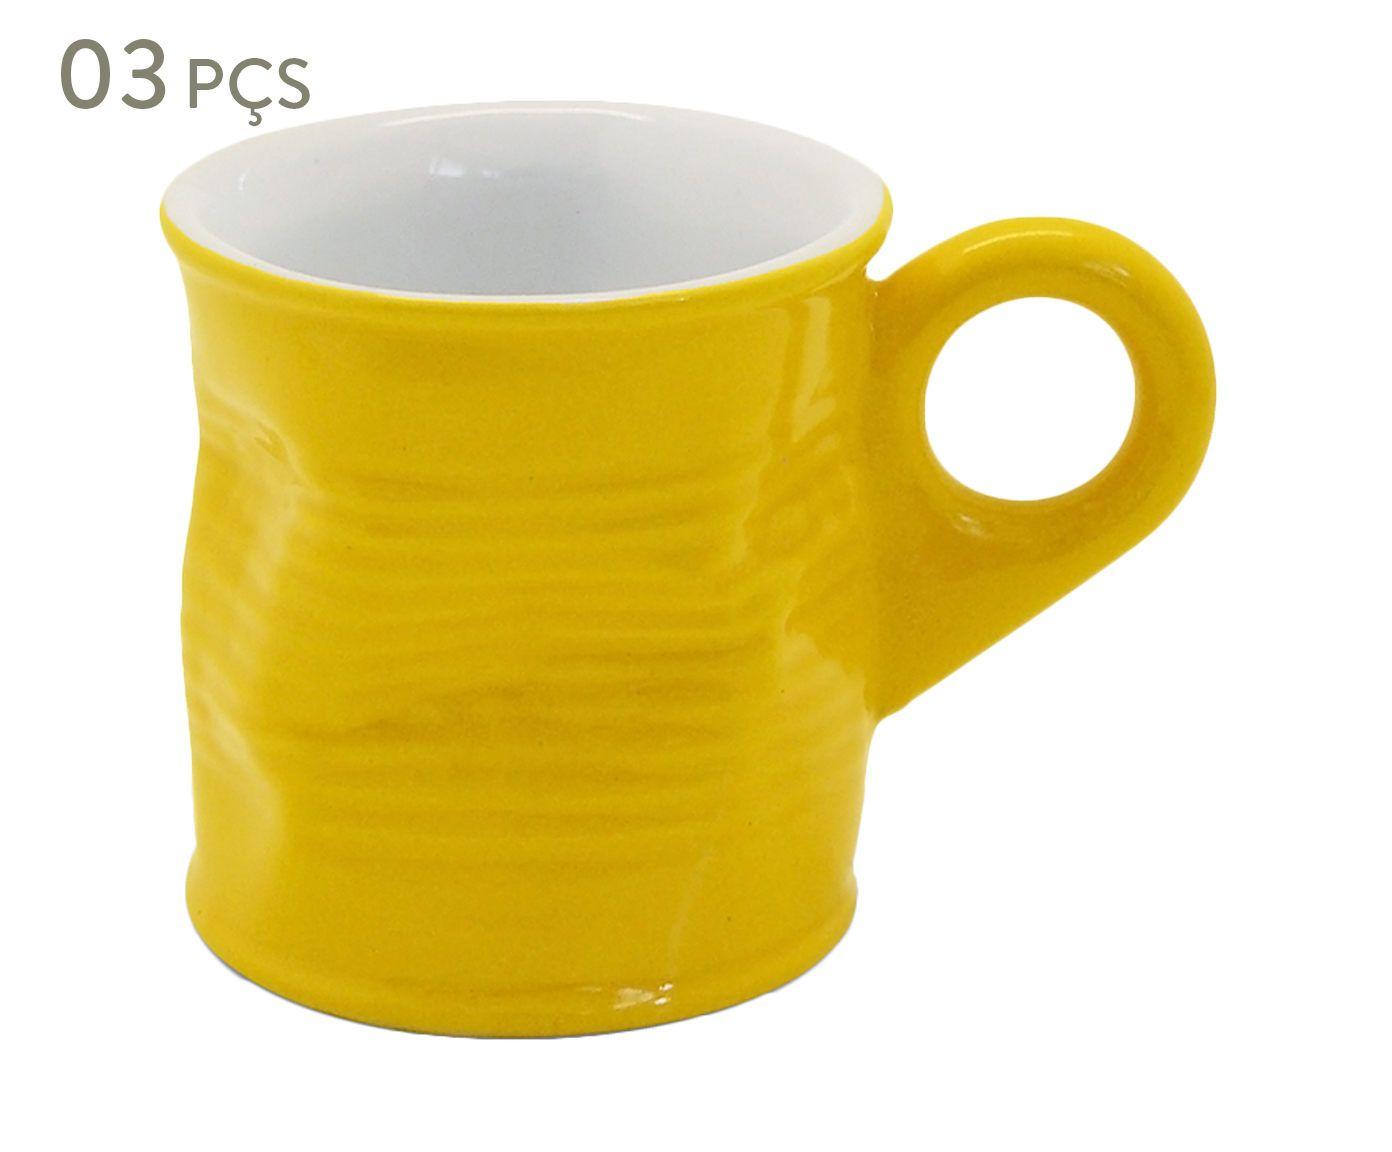 Conjunto de Xícaras para café Smashed - soleil 70 ml | Westwing.com.br